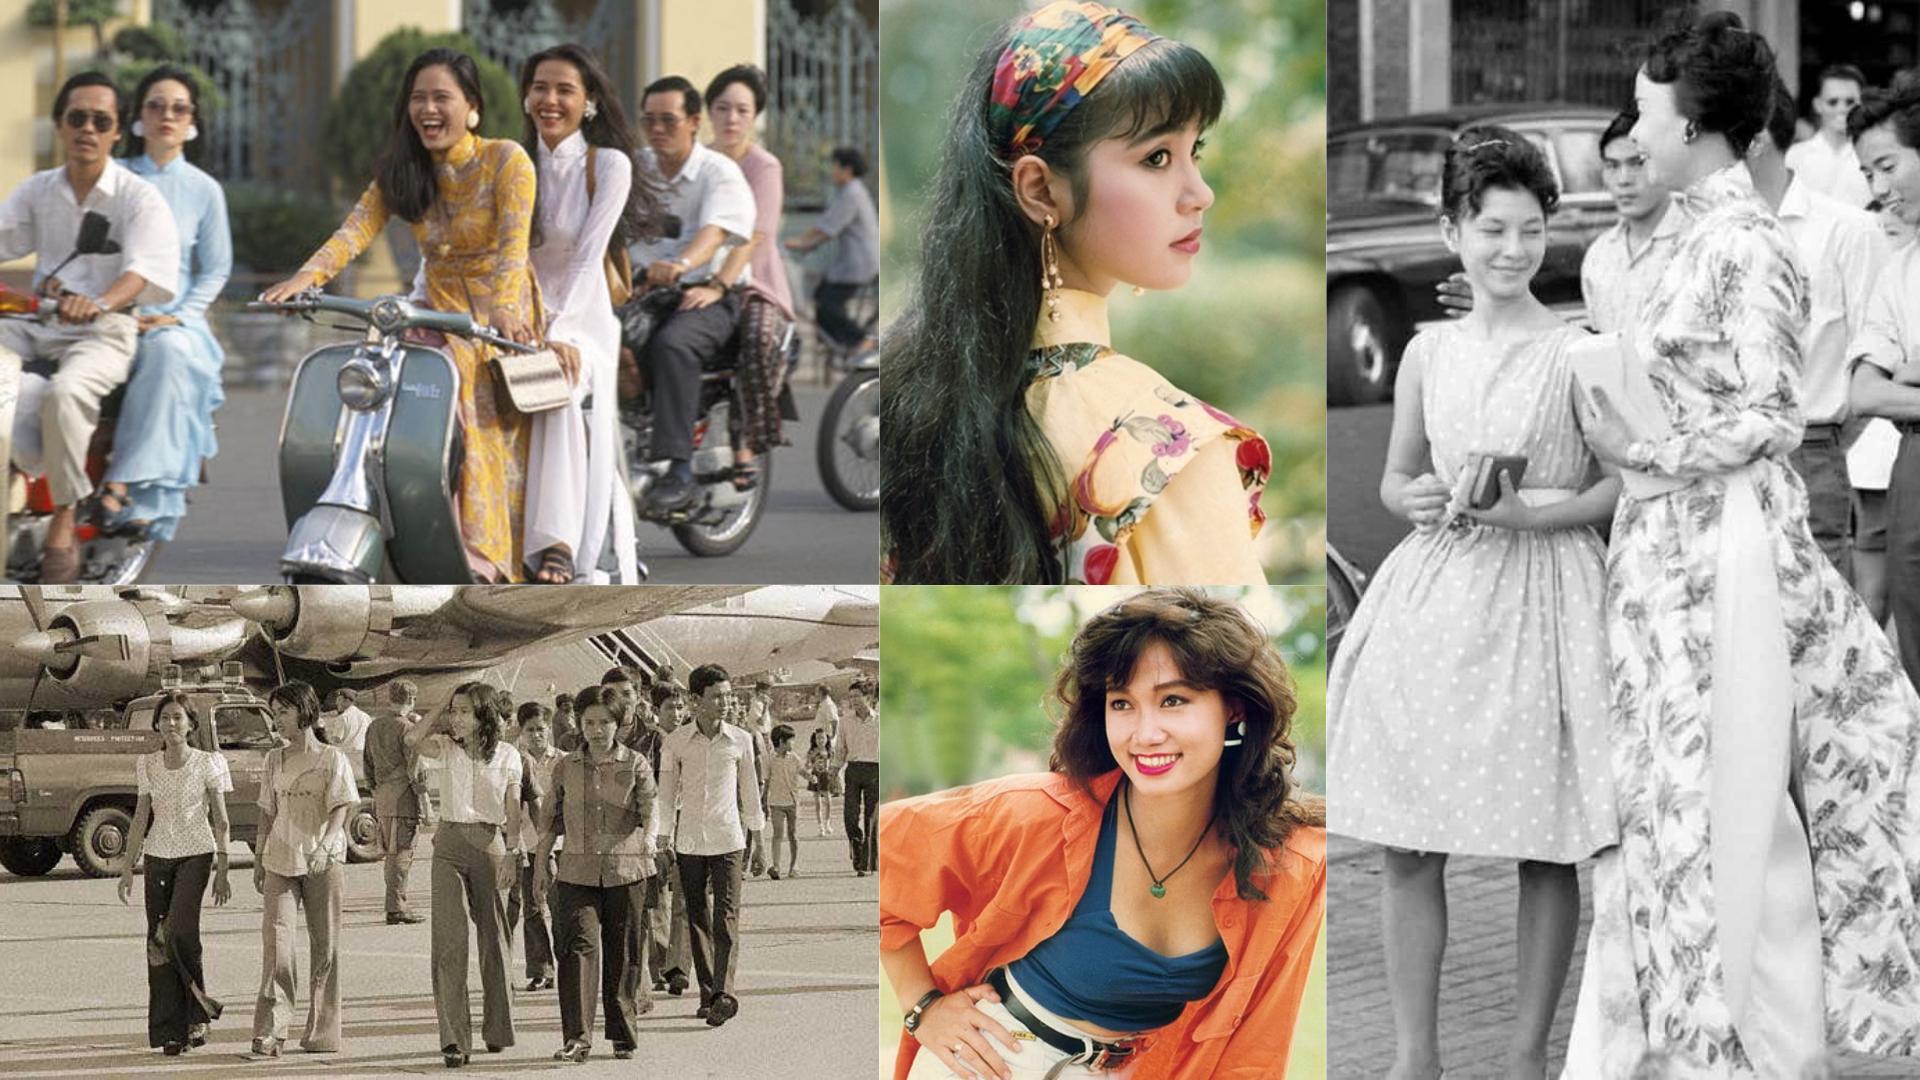 Phụ nữ Sài Gòn - Phong cách thời trang phóng khoáng các thập niên cuối thế kỷ 20